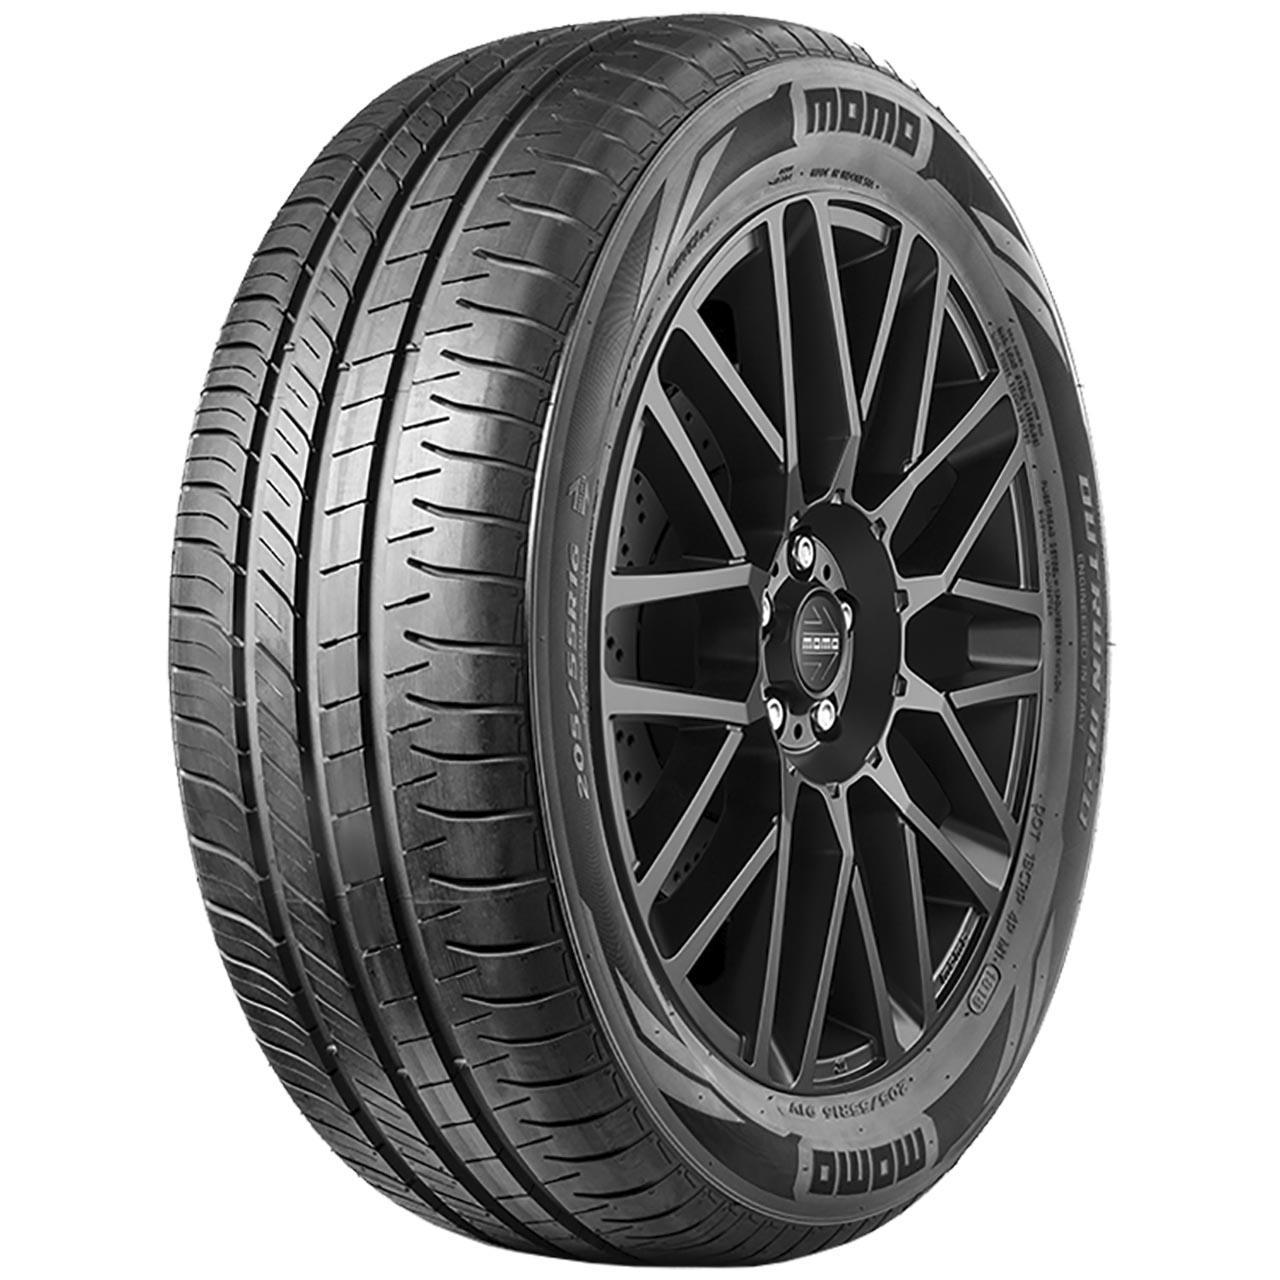 Momo Tire Outrun M20 195/65R15 91H